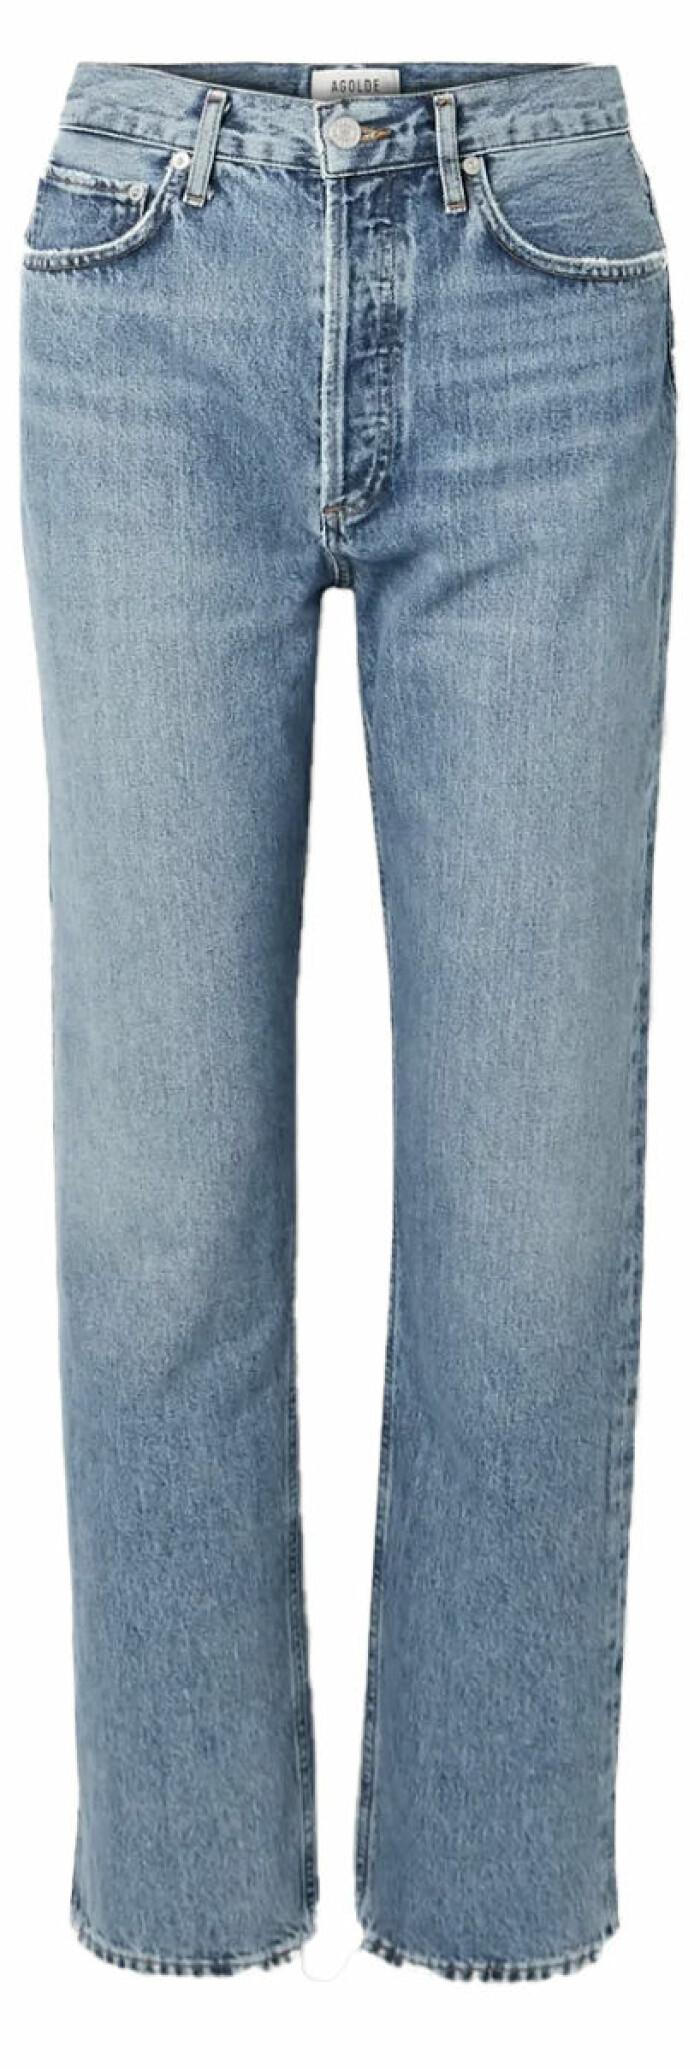 jeans från agolde.